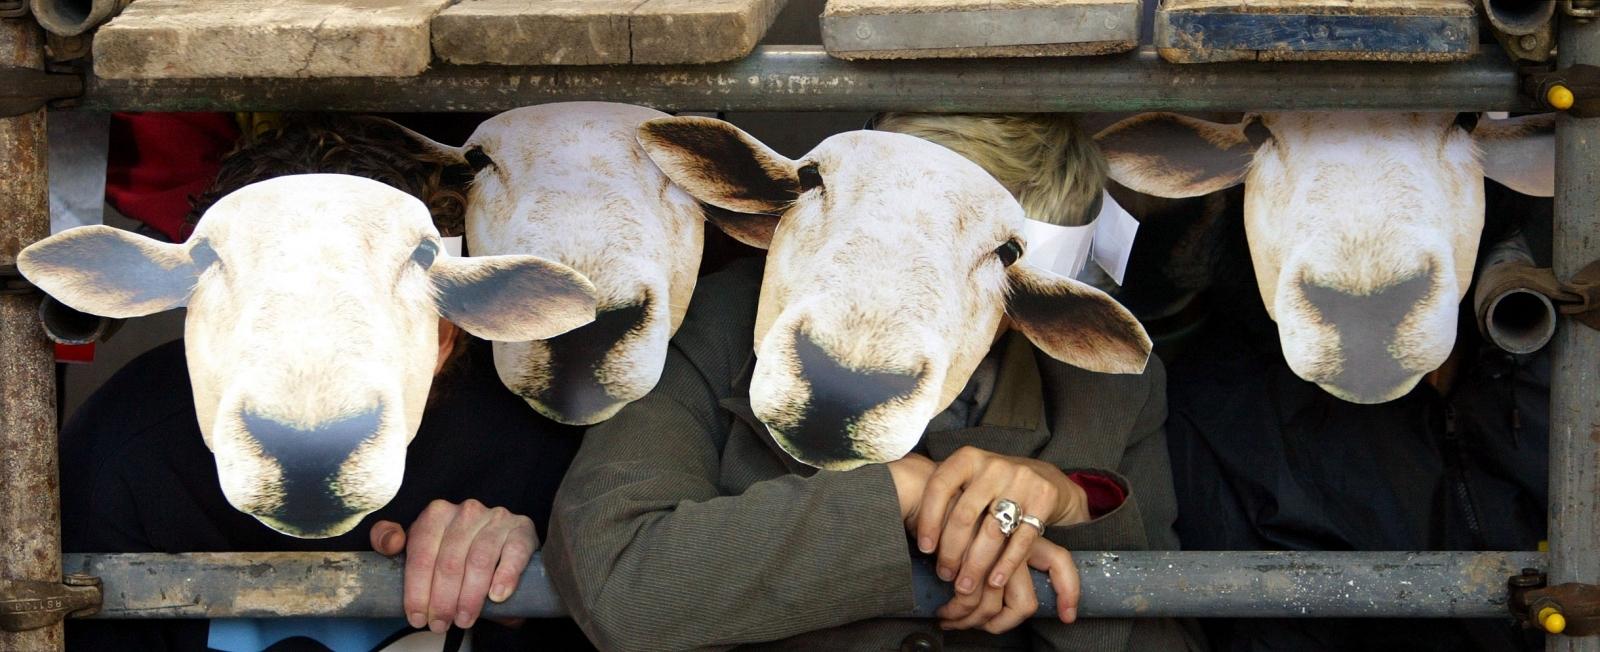 Sheep humans